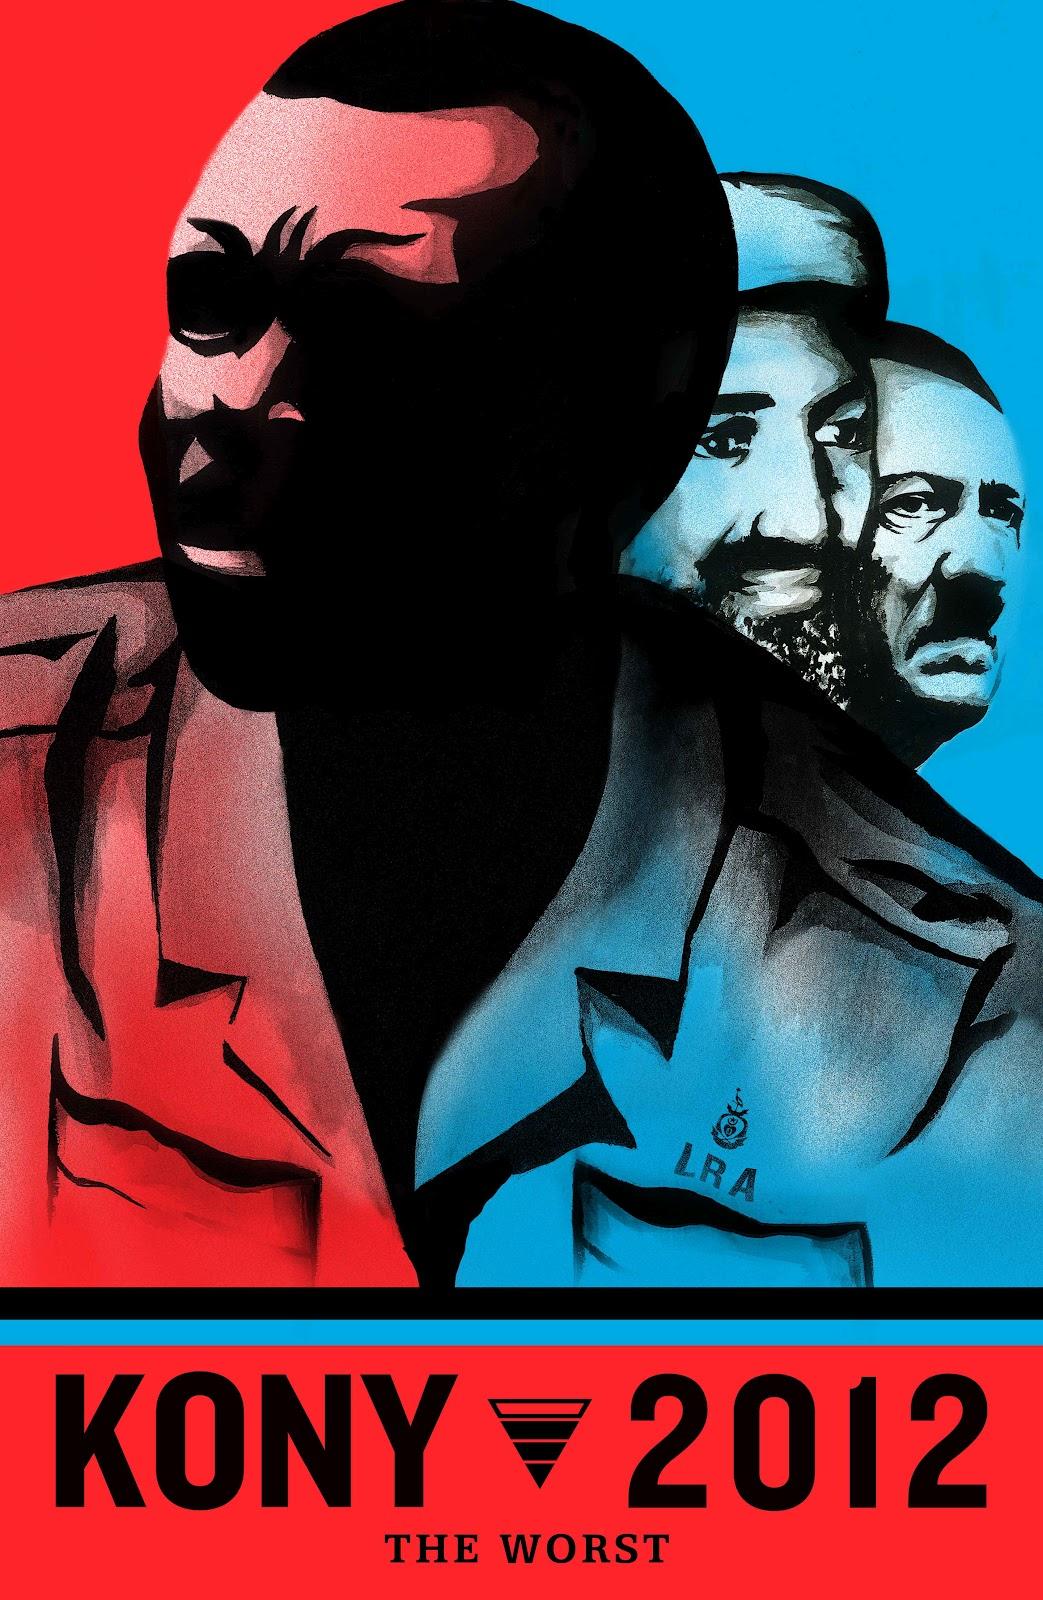 http://2.bp.blogspot.com/-0QXjmlZ4A4Q/T1b_ozimBgI/AAAAAAAAALg/Lz_NSw8sJV4/s1600/Kony_poster.jpg